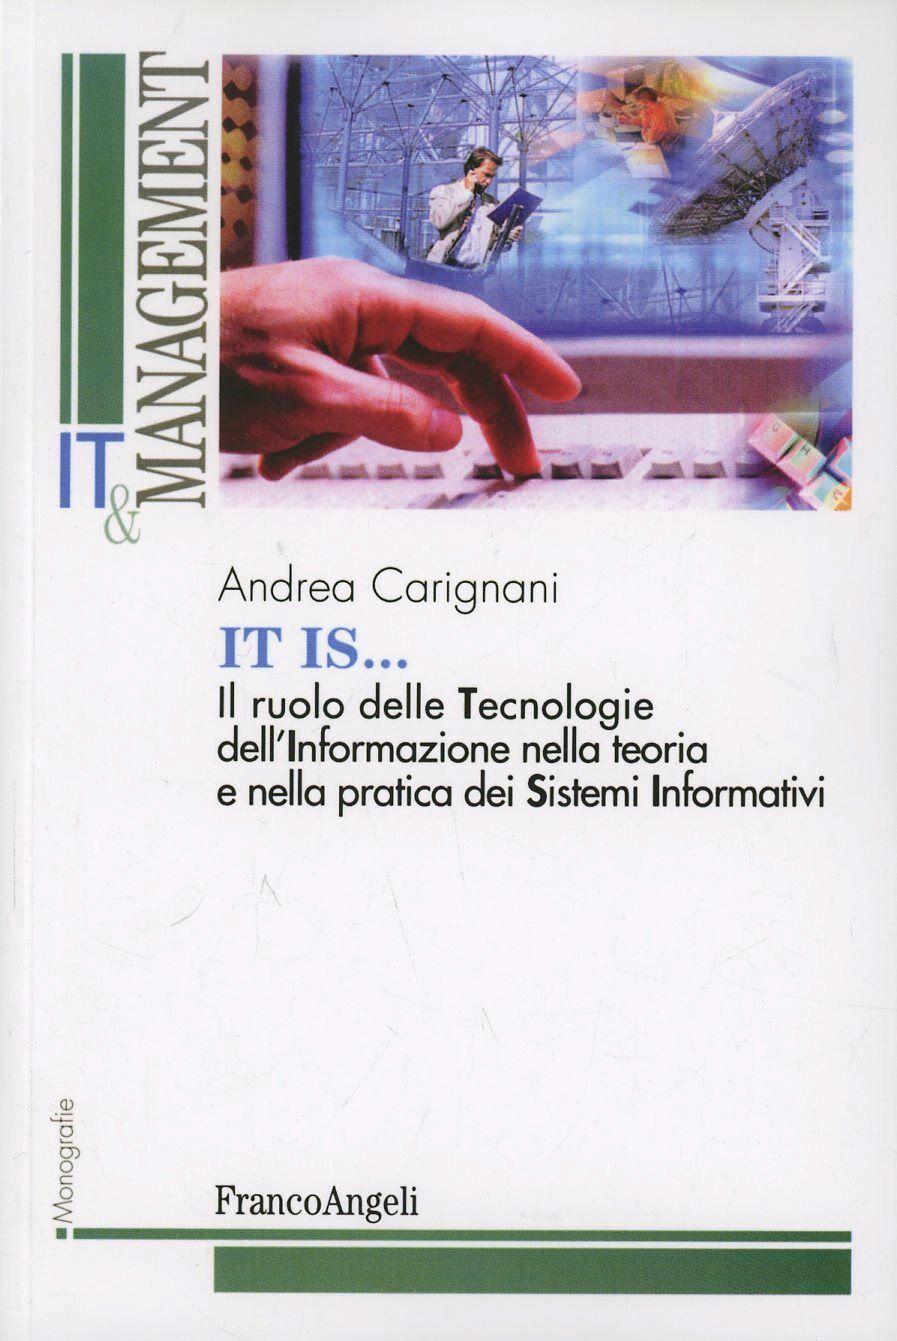 It is. Il ruolo delle tecnologie dell'informazione nella teoria e nella pratica dei sistemi informativi